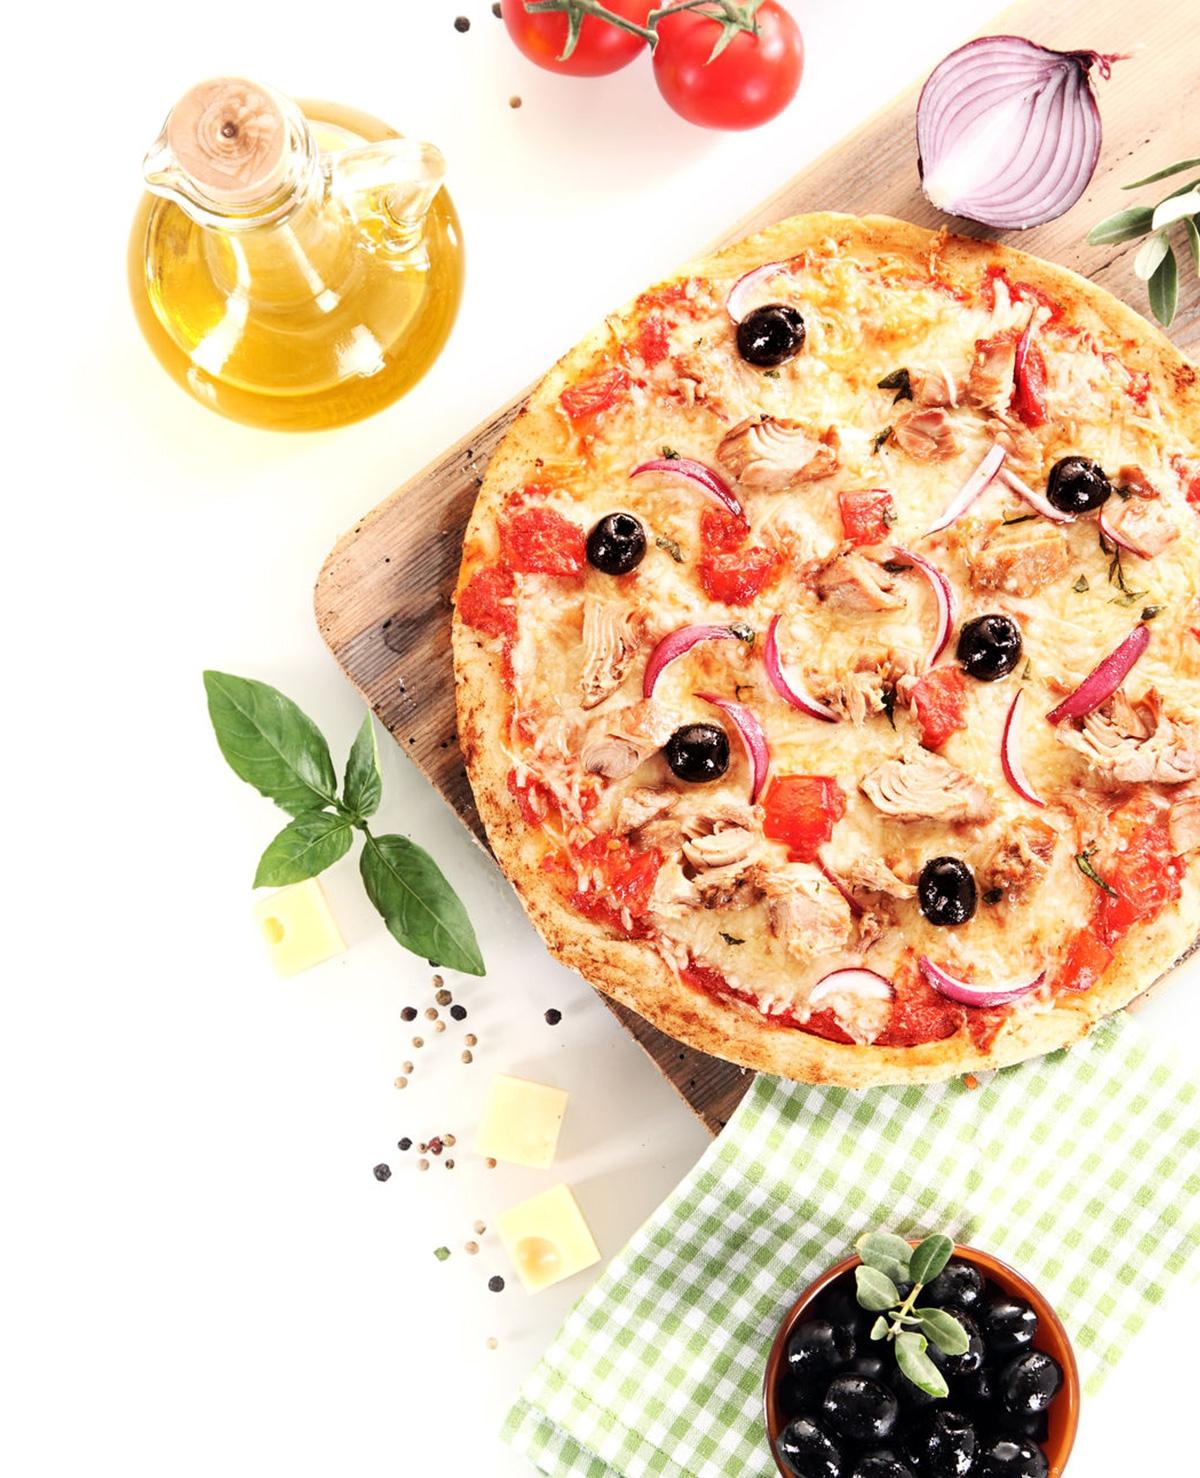 Hoe je een stuk pizza eet, zegt veel over je persoonlijkheid